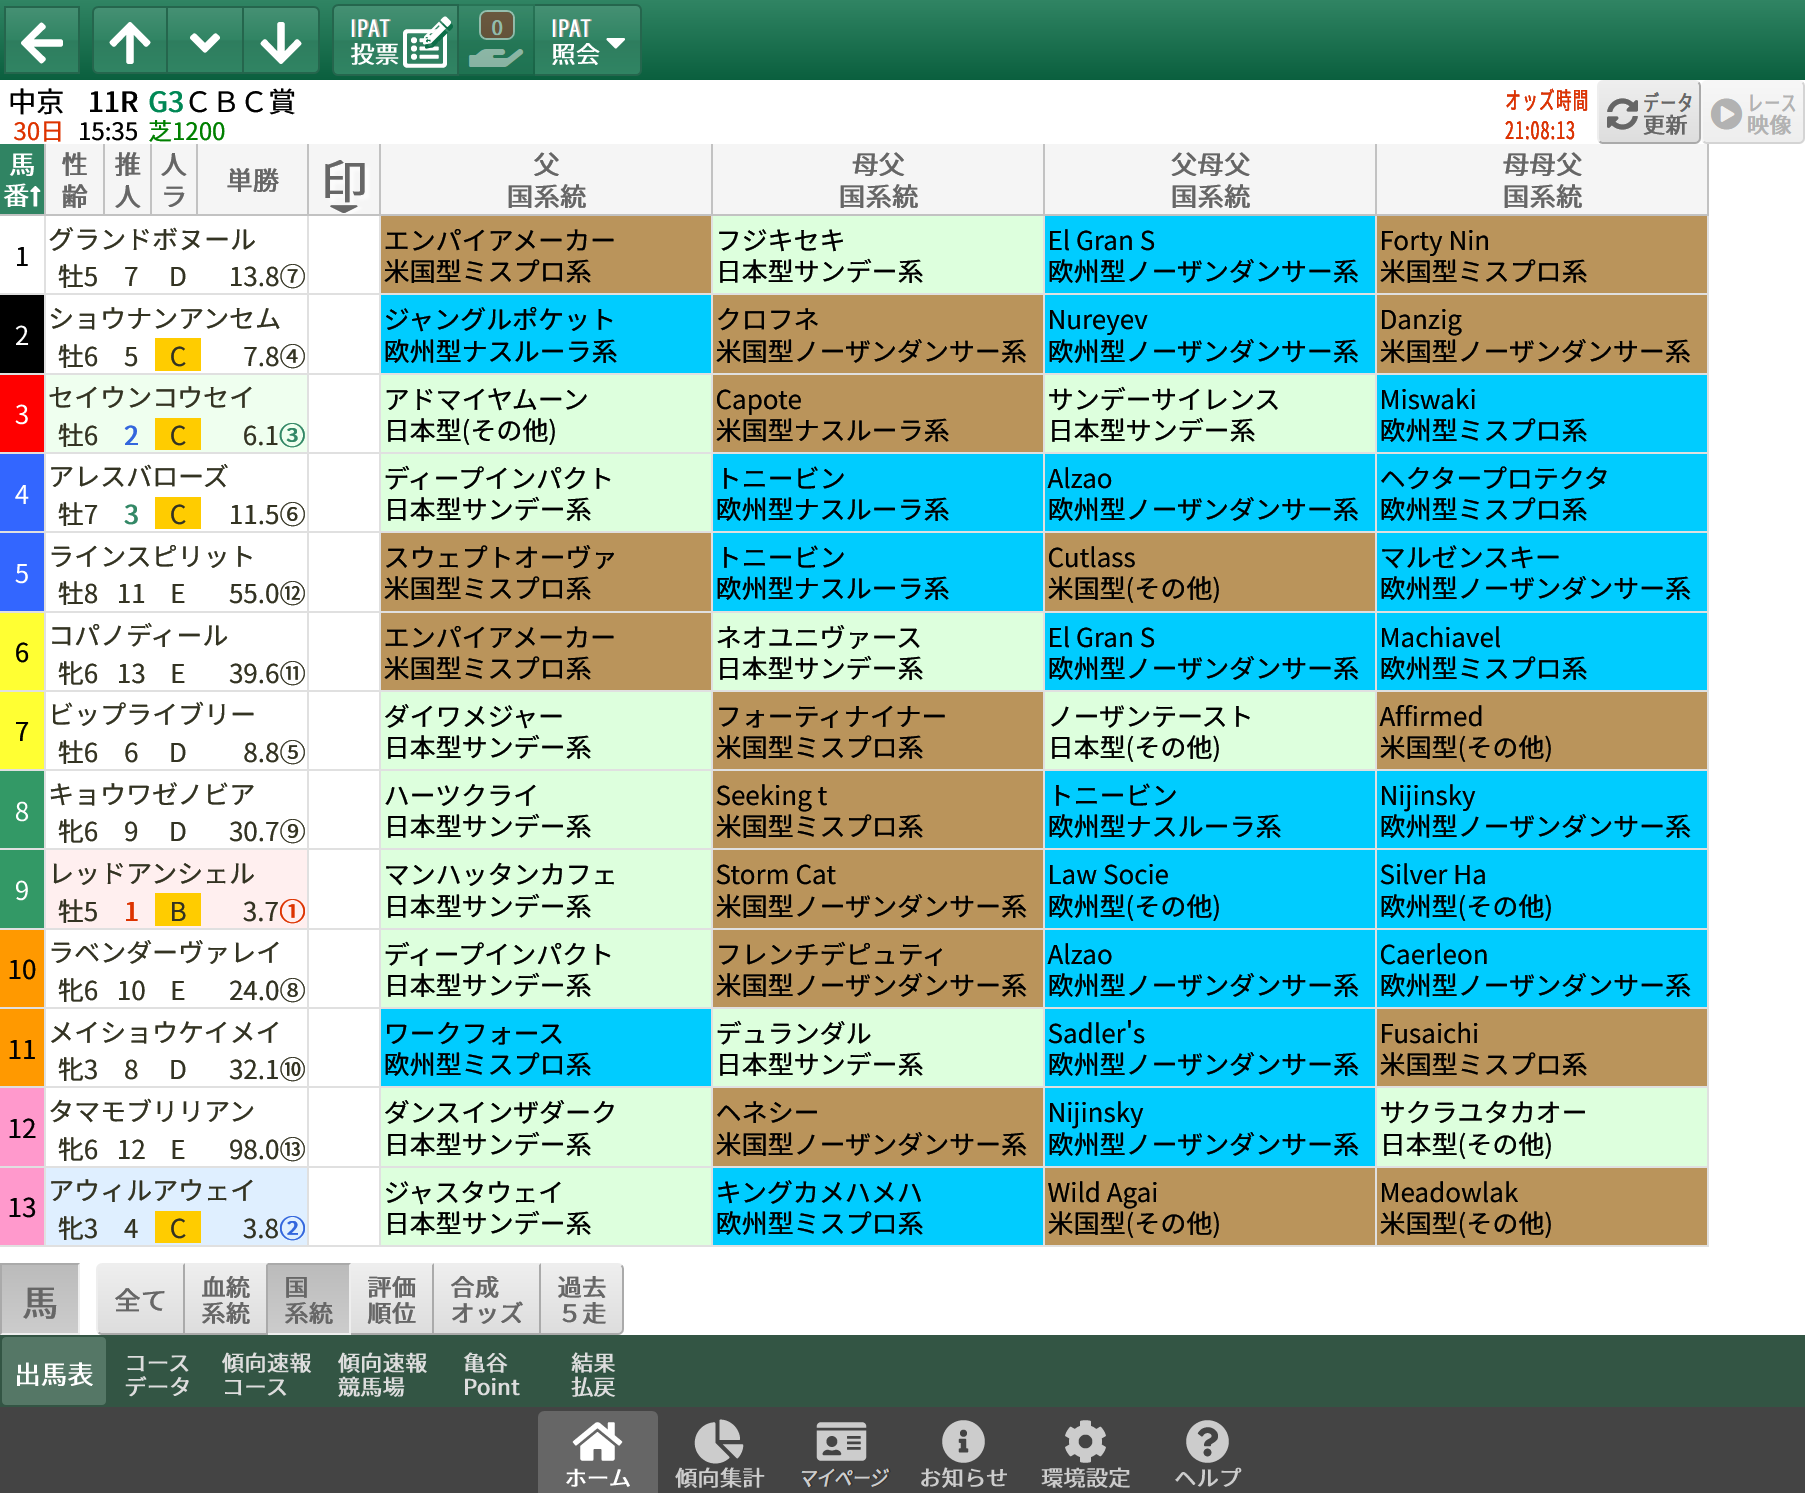 【無料公開】CBC賞 / 亀谷サロン限定公開中のスマート出馬表・次期バージョン